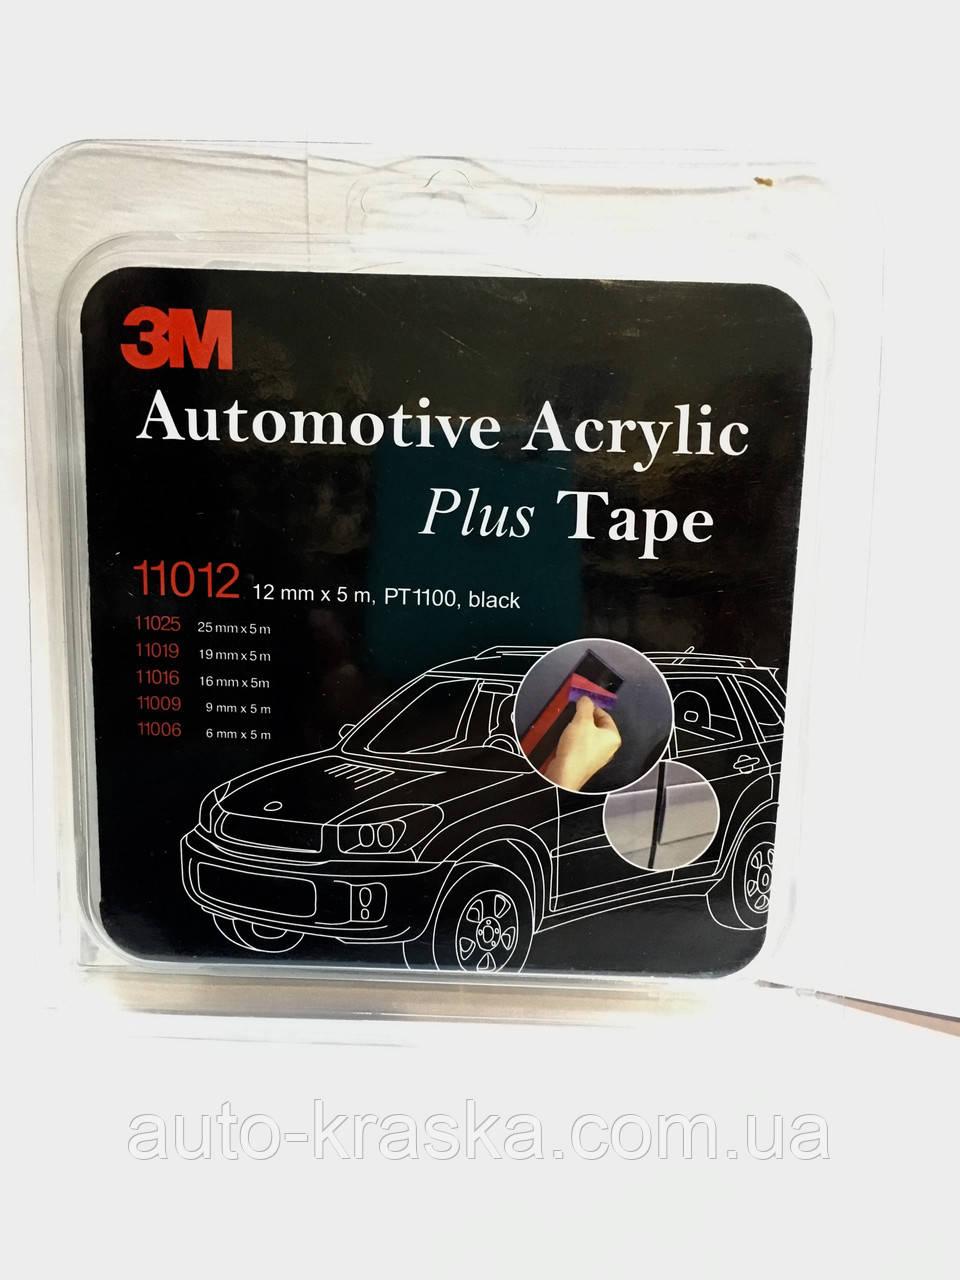 3М Двухсторонний скотч  Plus Tape  PT 1100 Пеноакриловый  12mm* 5m